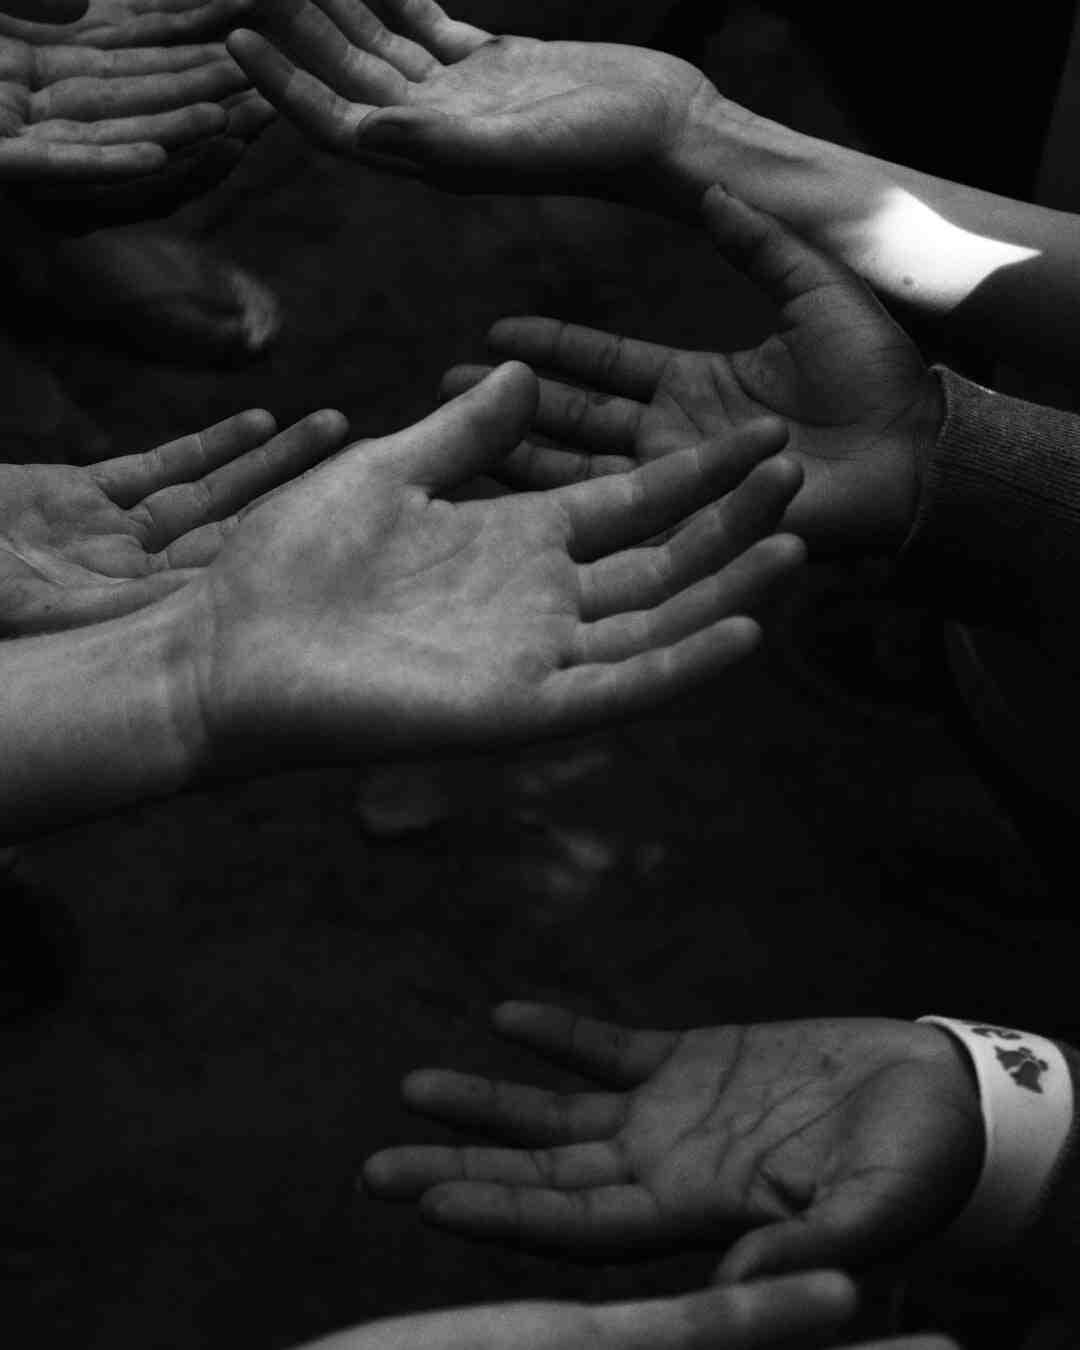 Comment traiter les mains moites